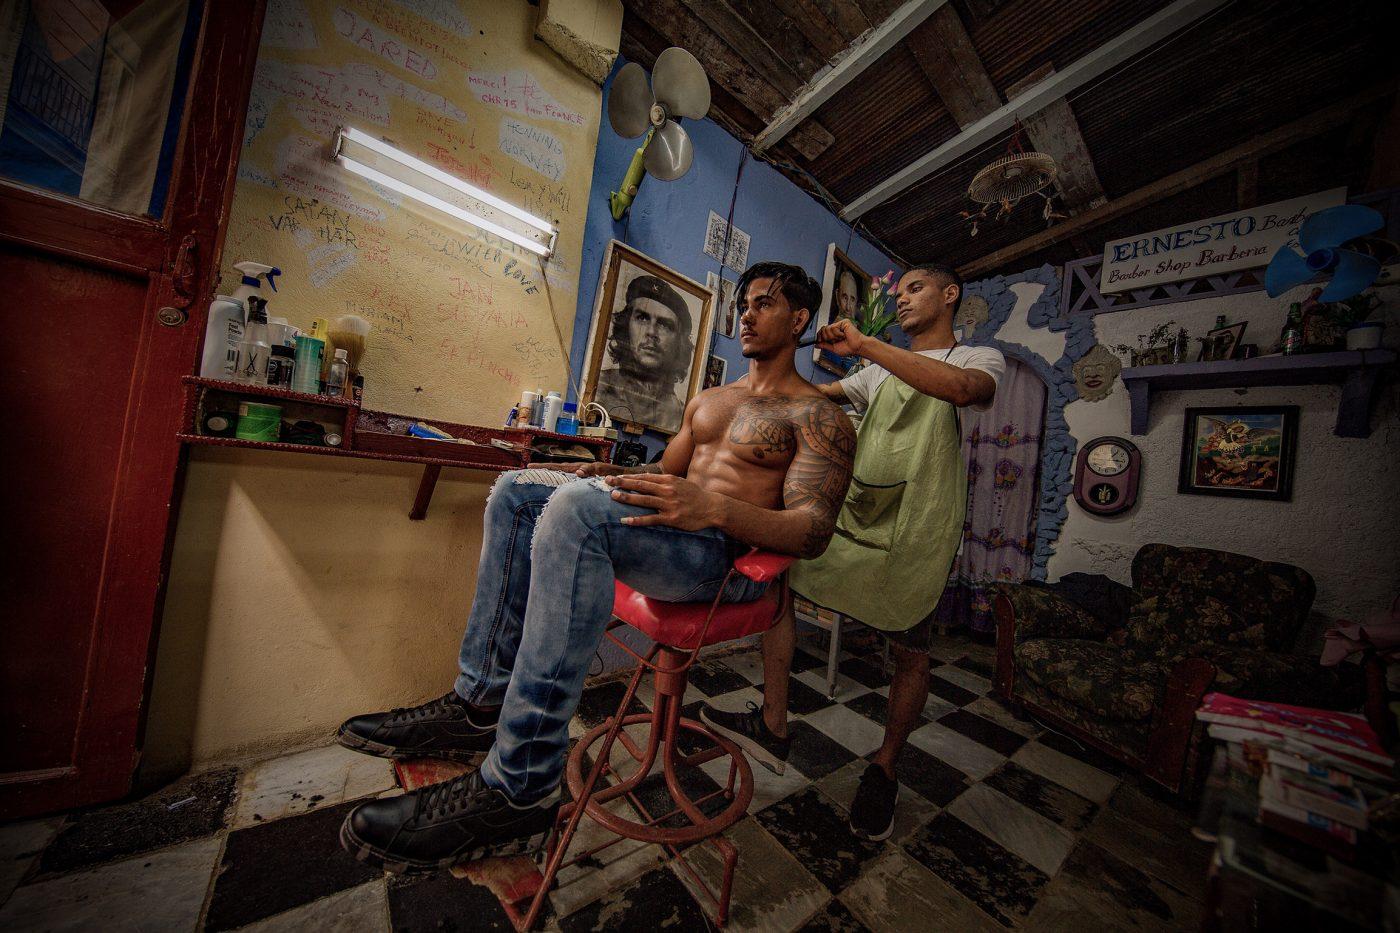 Cuba (2) by Robin Yong